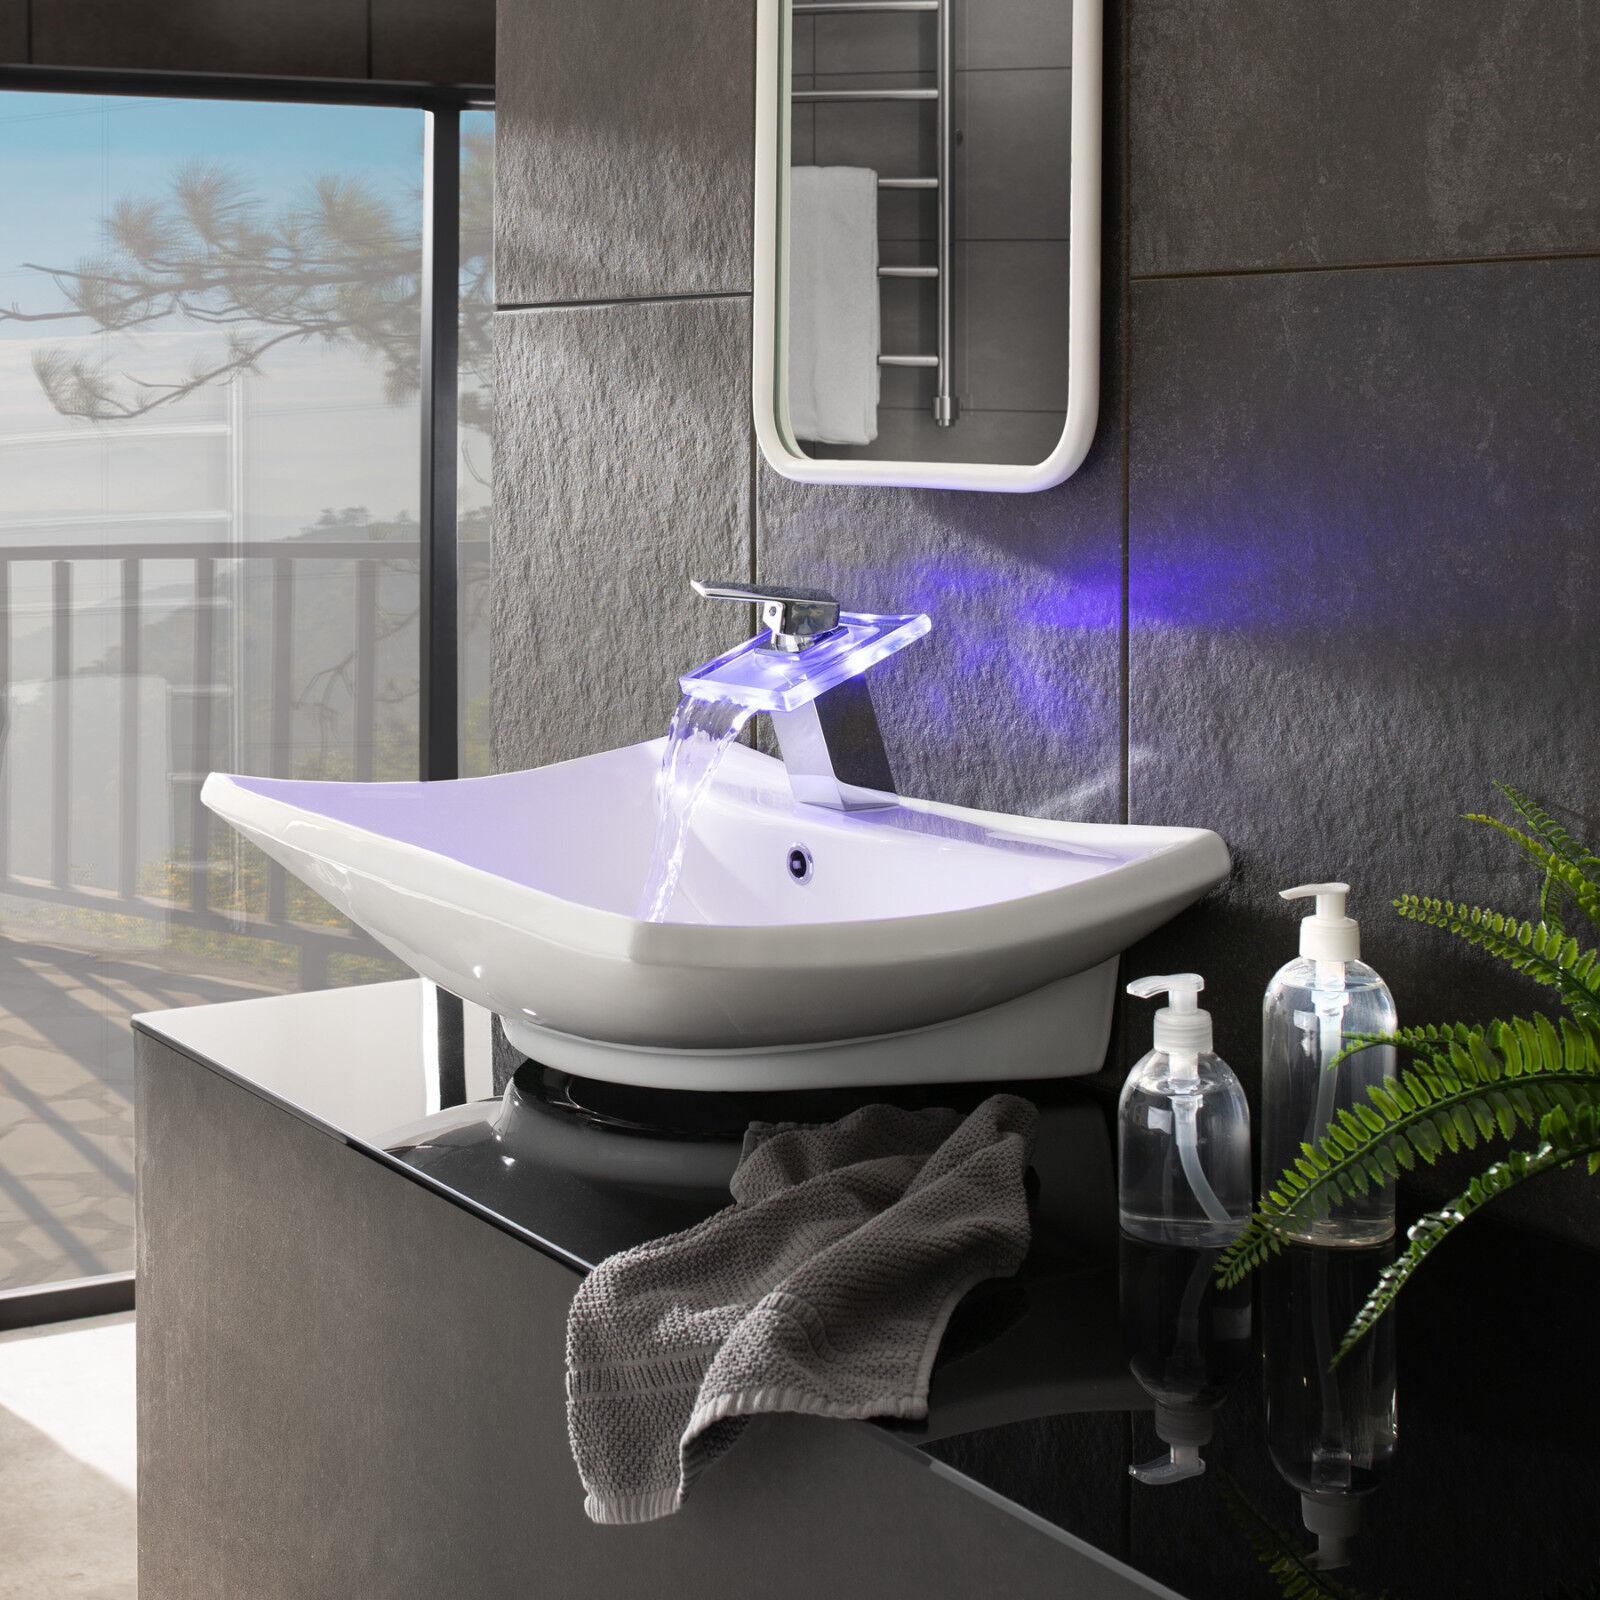 Rubinetto LED lavabo cascata bagno miscelatore ottone cromato lavabo LED 3 Coloreeei vetro a1be17